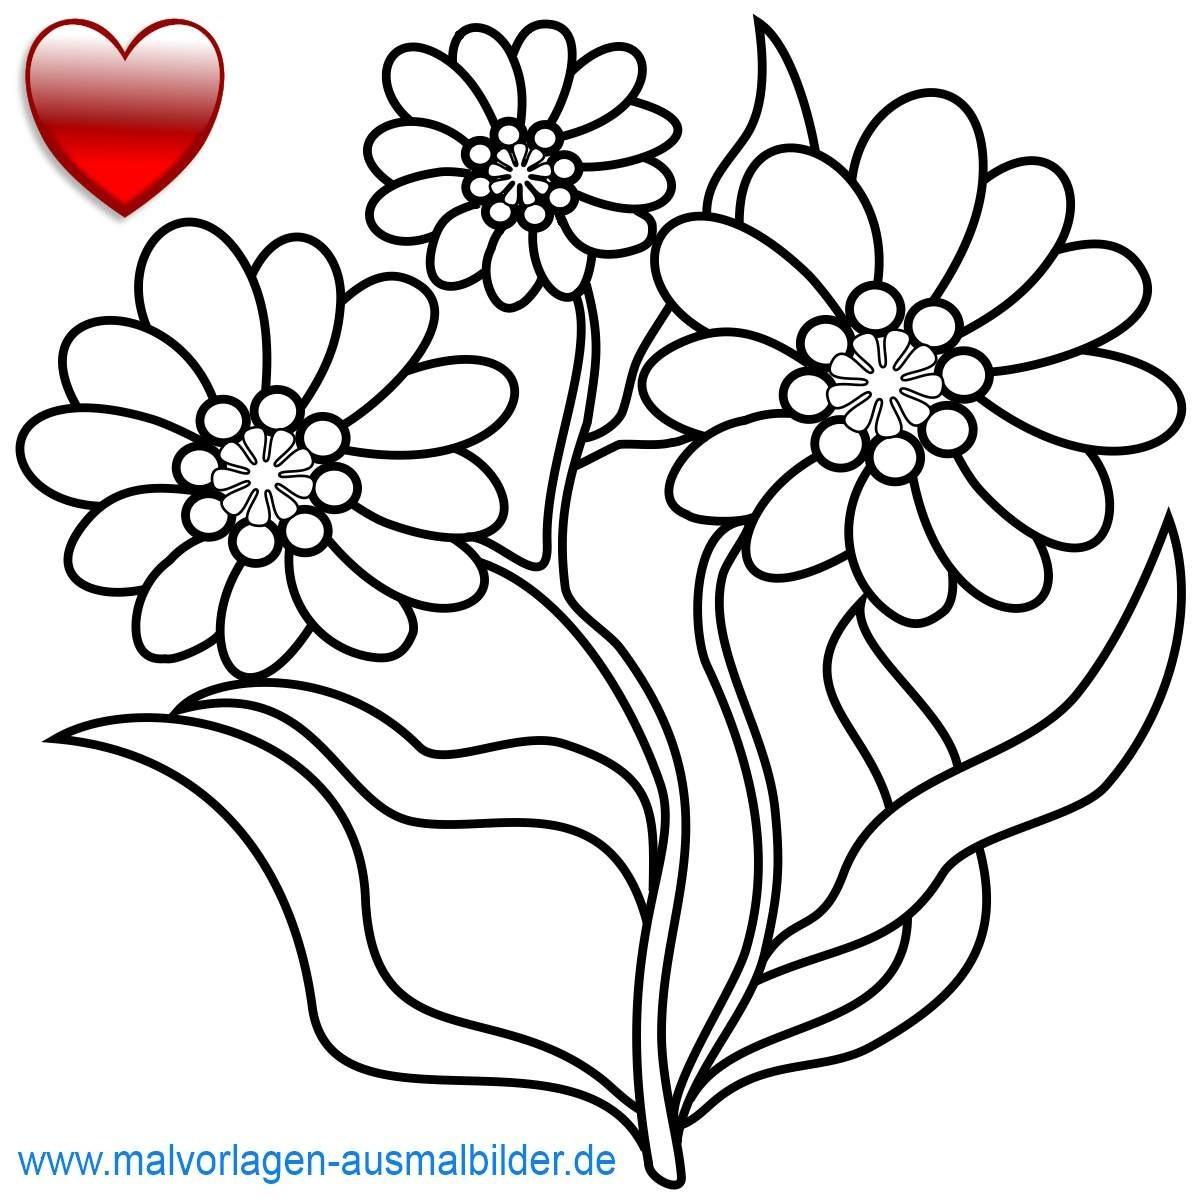 Malvorlage Blumen ornamente Frisch Malvorlagen Für Erwachsene Kostenlose Druckvorlagen Frisch Bilder